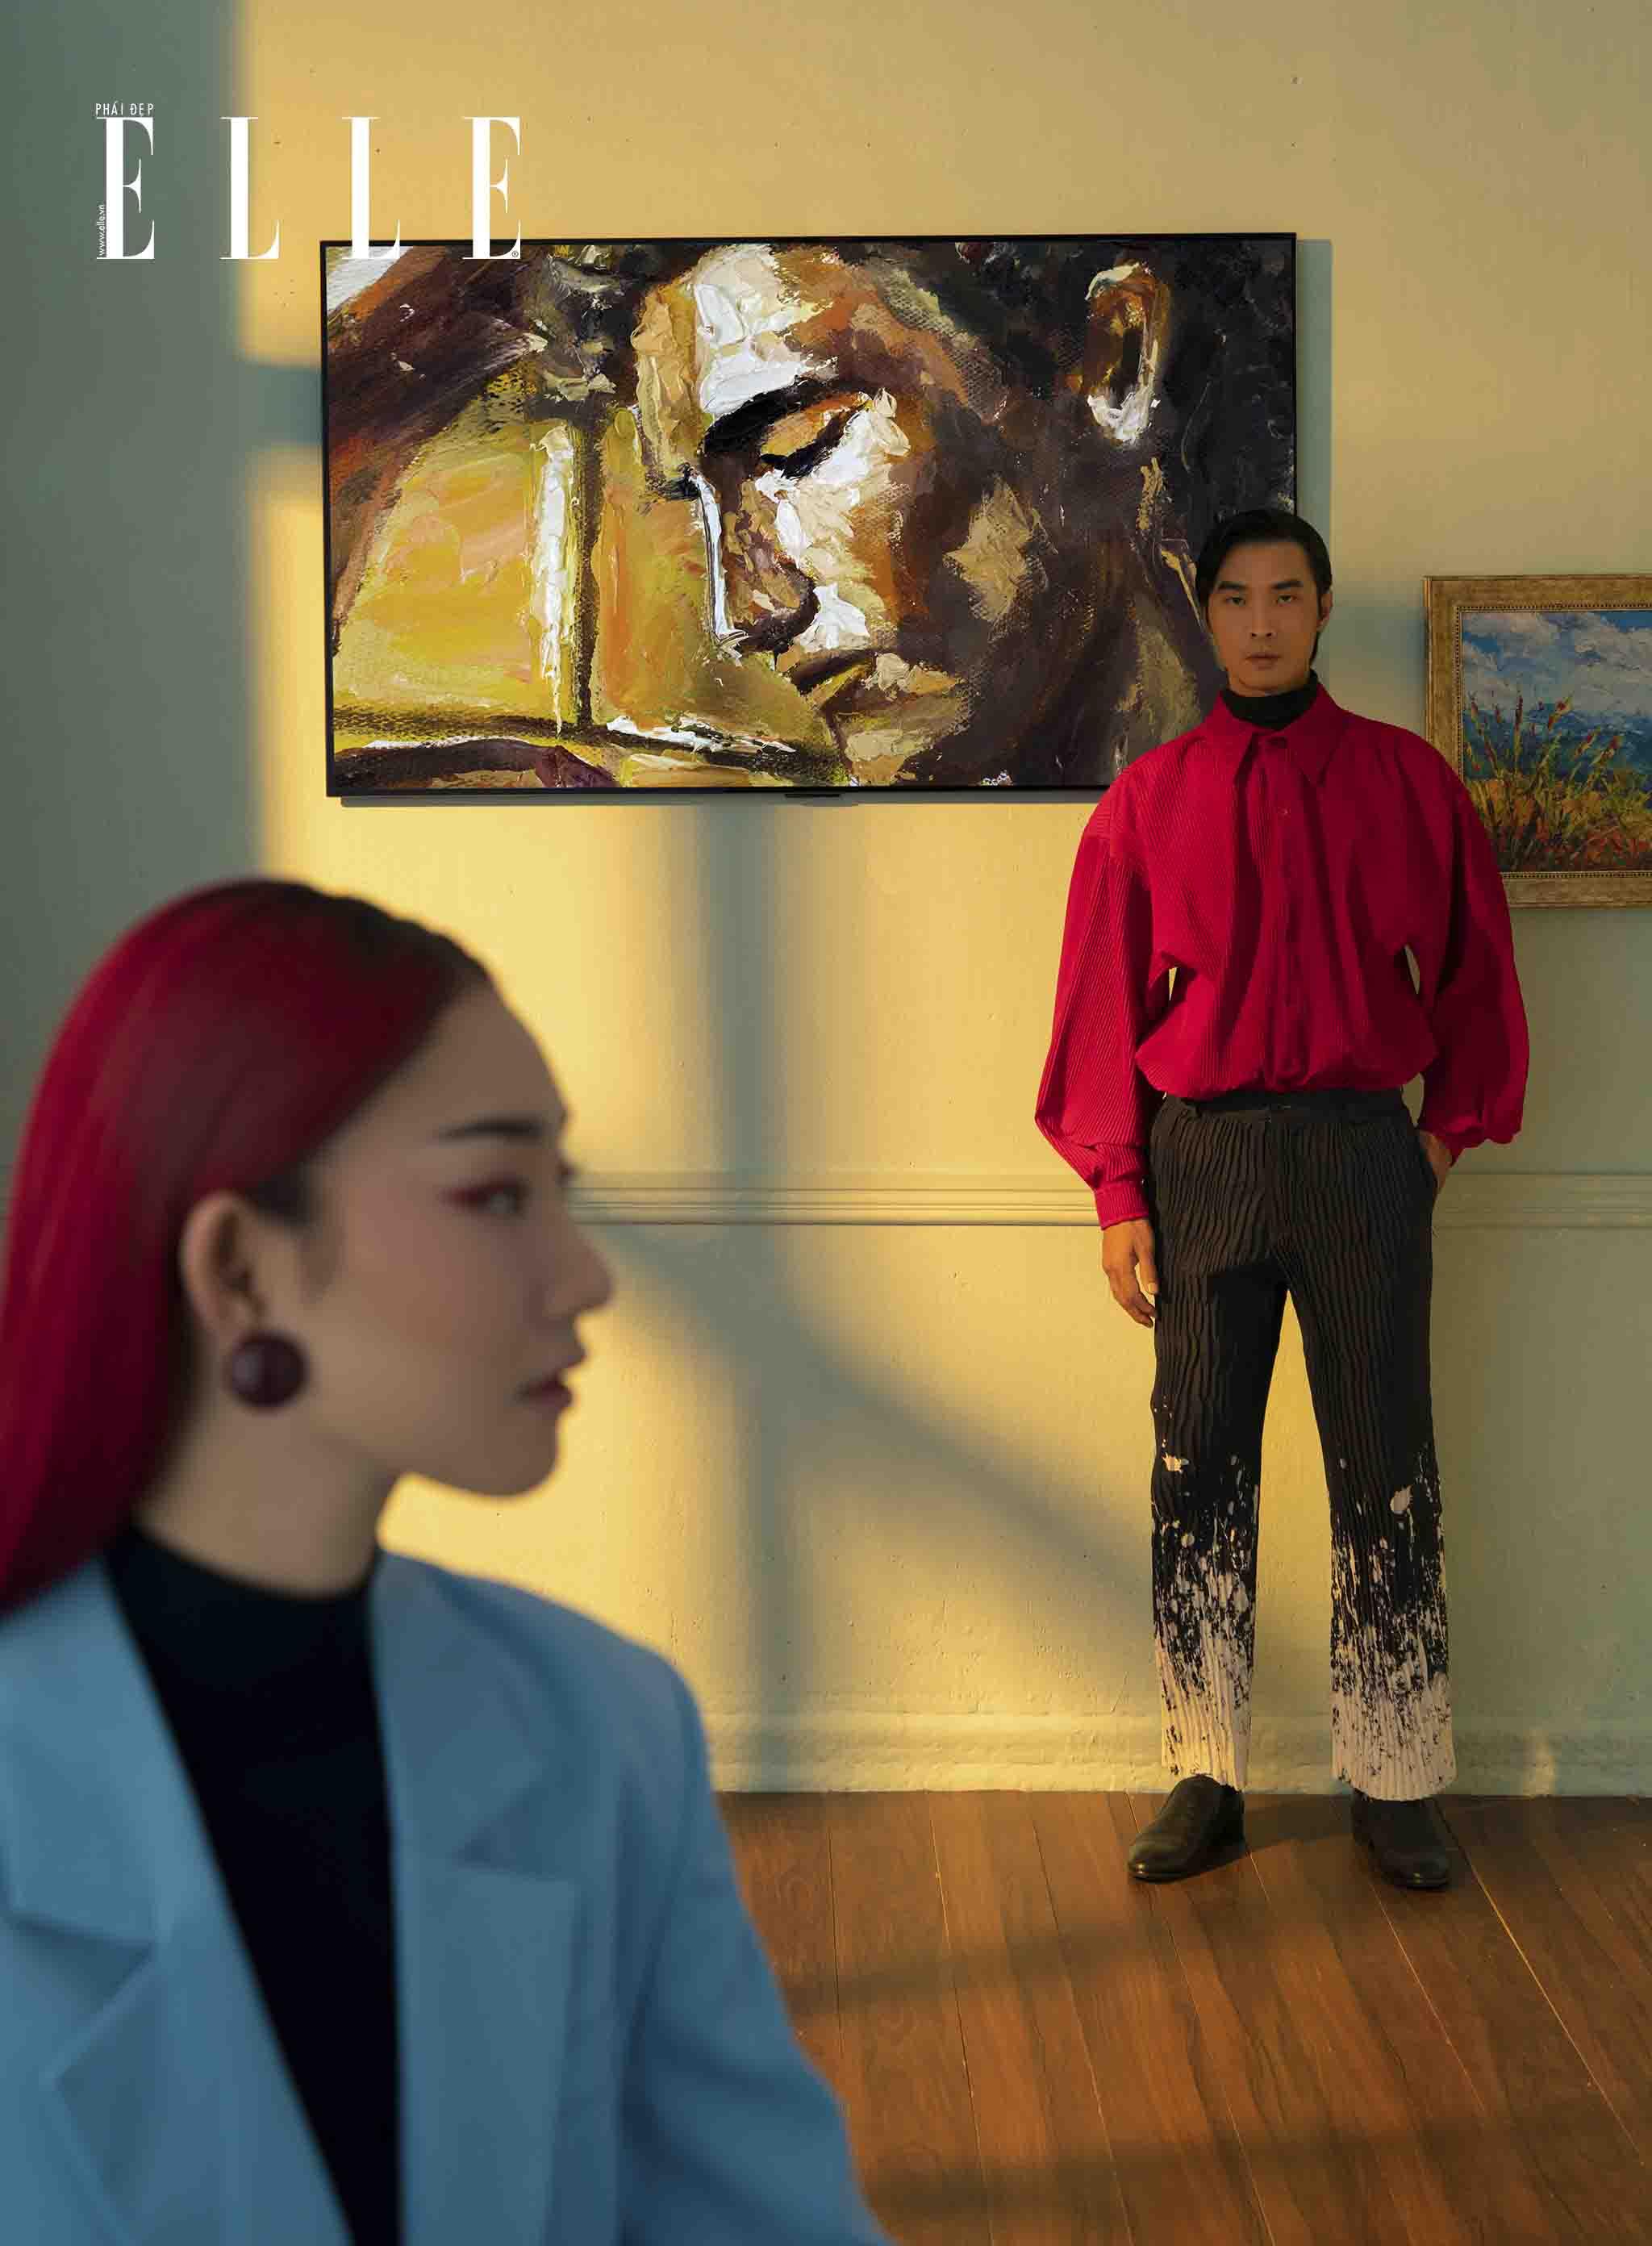 cô gái gặp chàng trai trong bảo tàng nghệ thuật